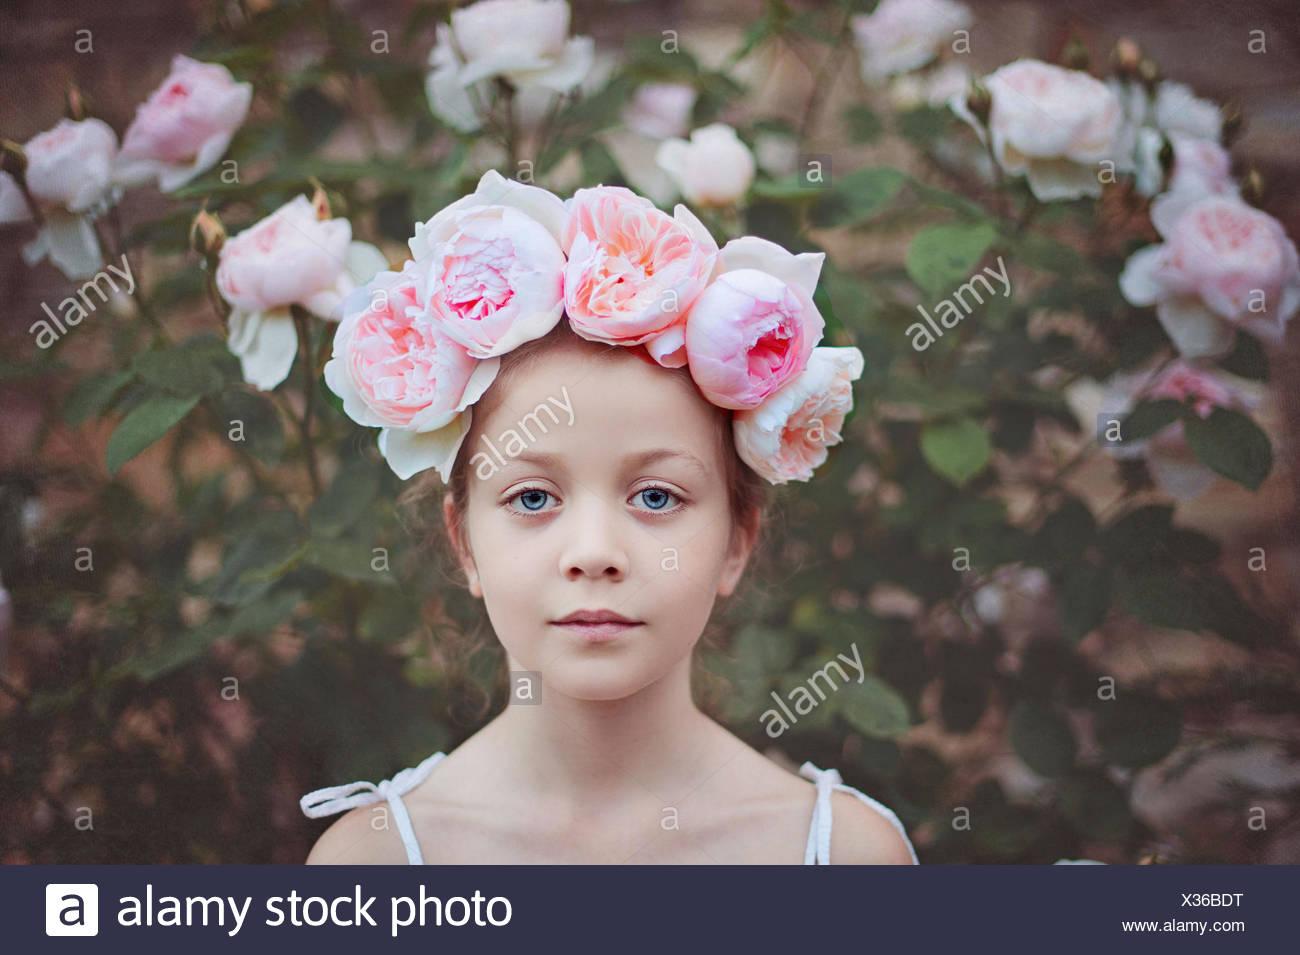 Jeune fille portant un chapeau avec des roses Photo Stock